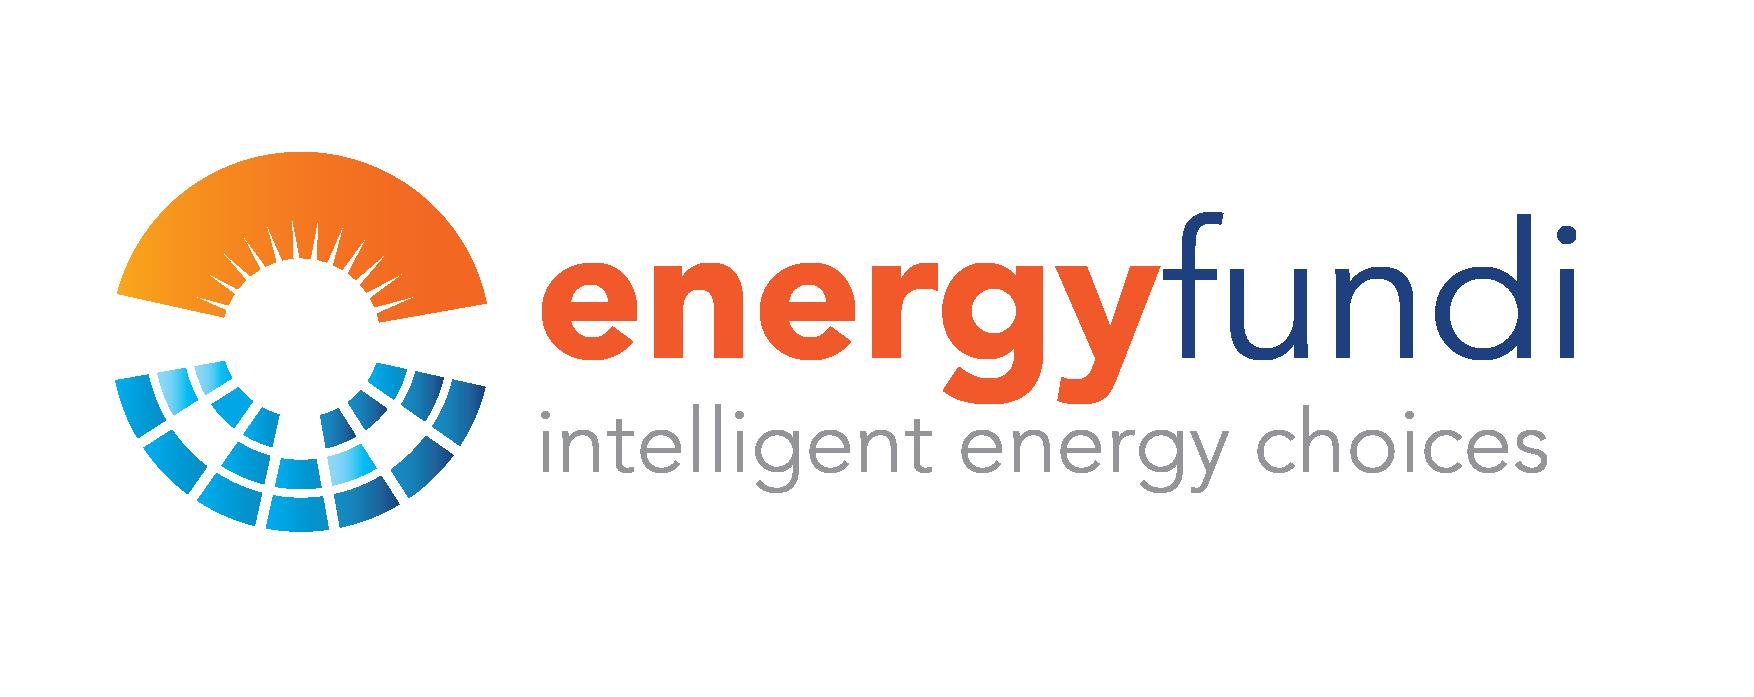 energyfundi